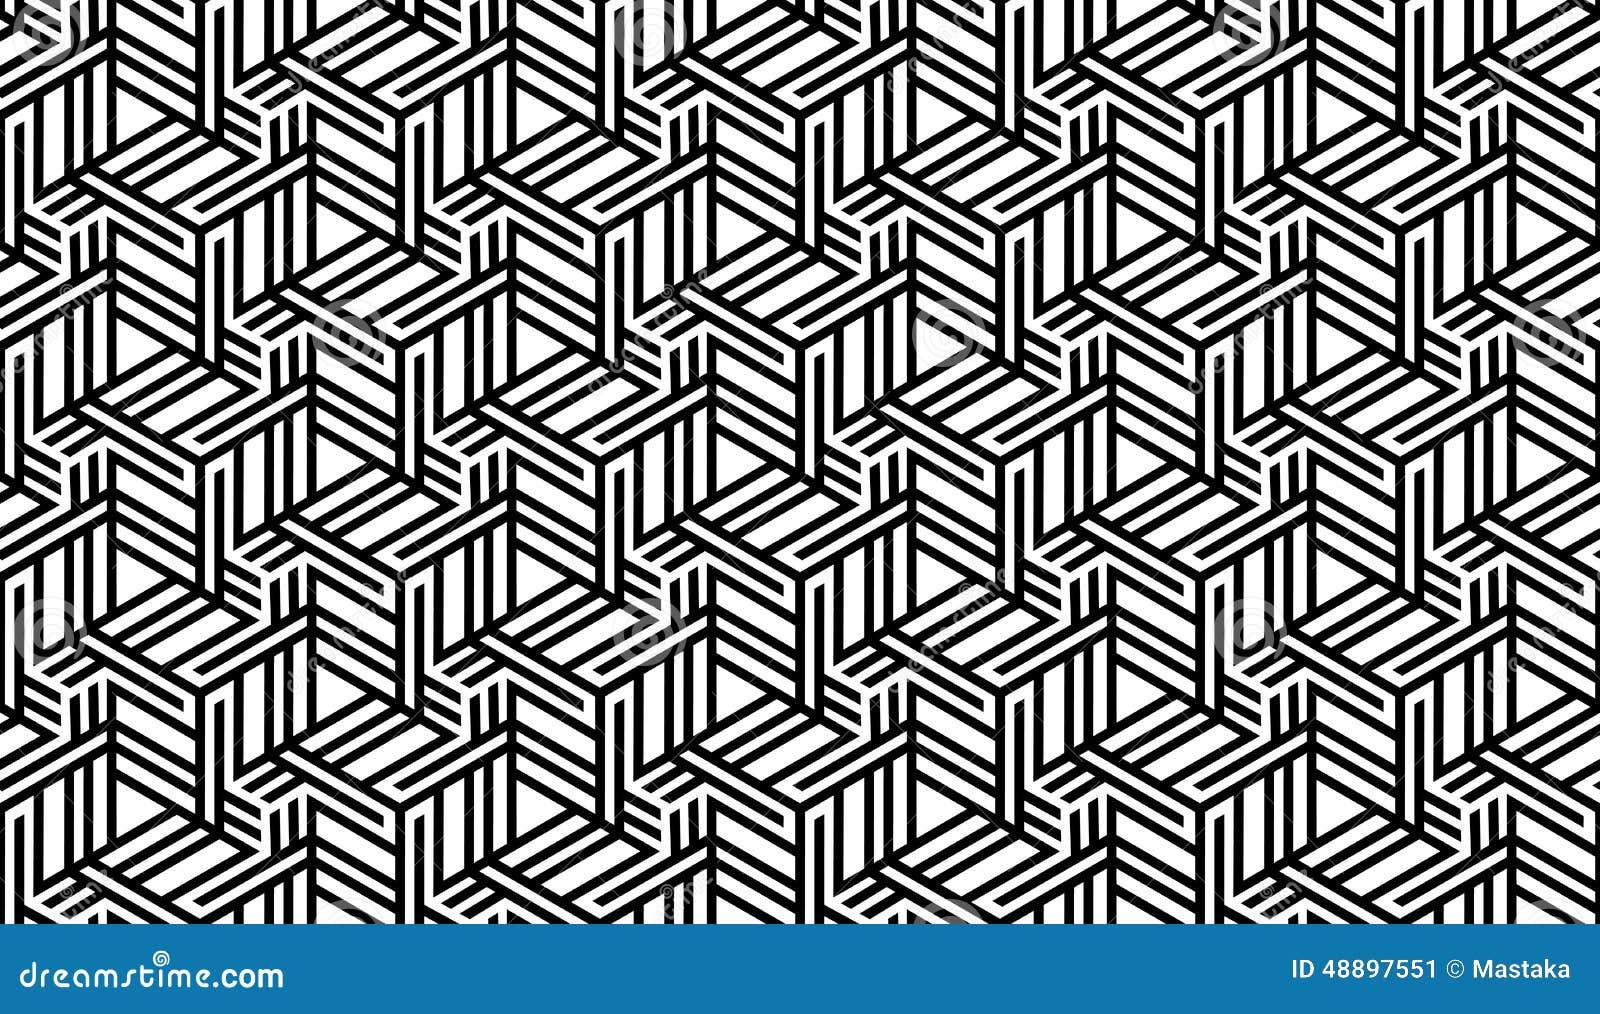 Modèle Géométrique Noir Et Blanc Illustration De Vecteur